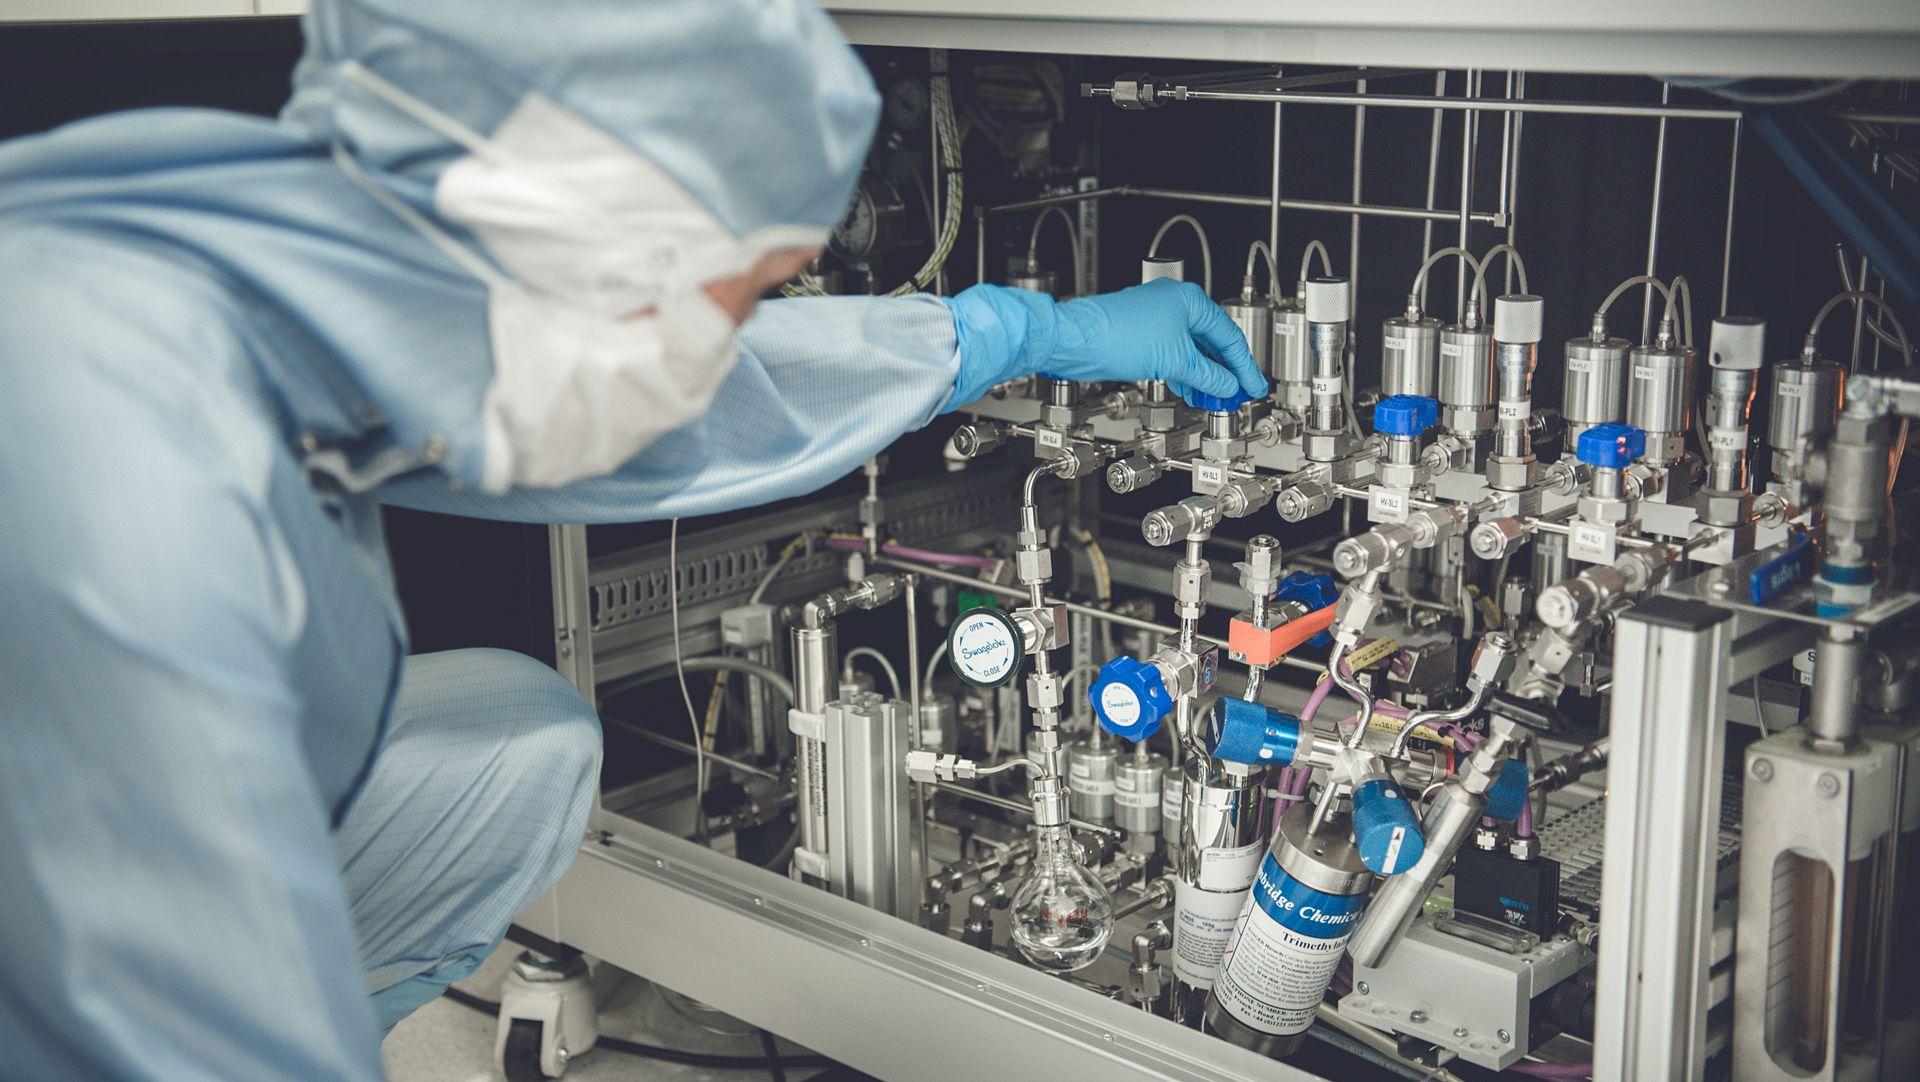 Torunn Kjeldstad forsker på solcelleteknologi, her fra laboratorium ved Universitetet i Oslo.